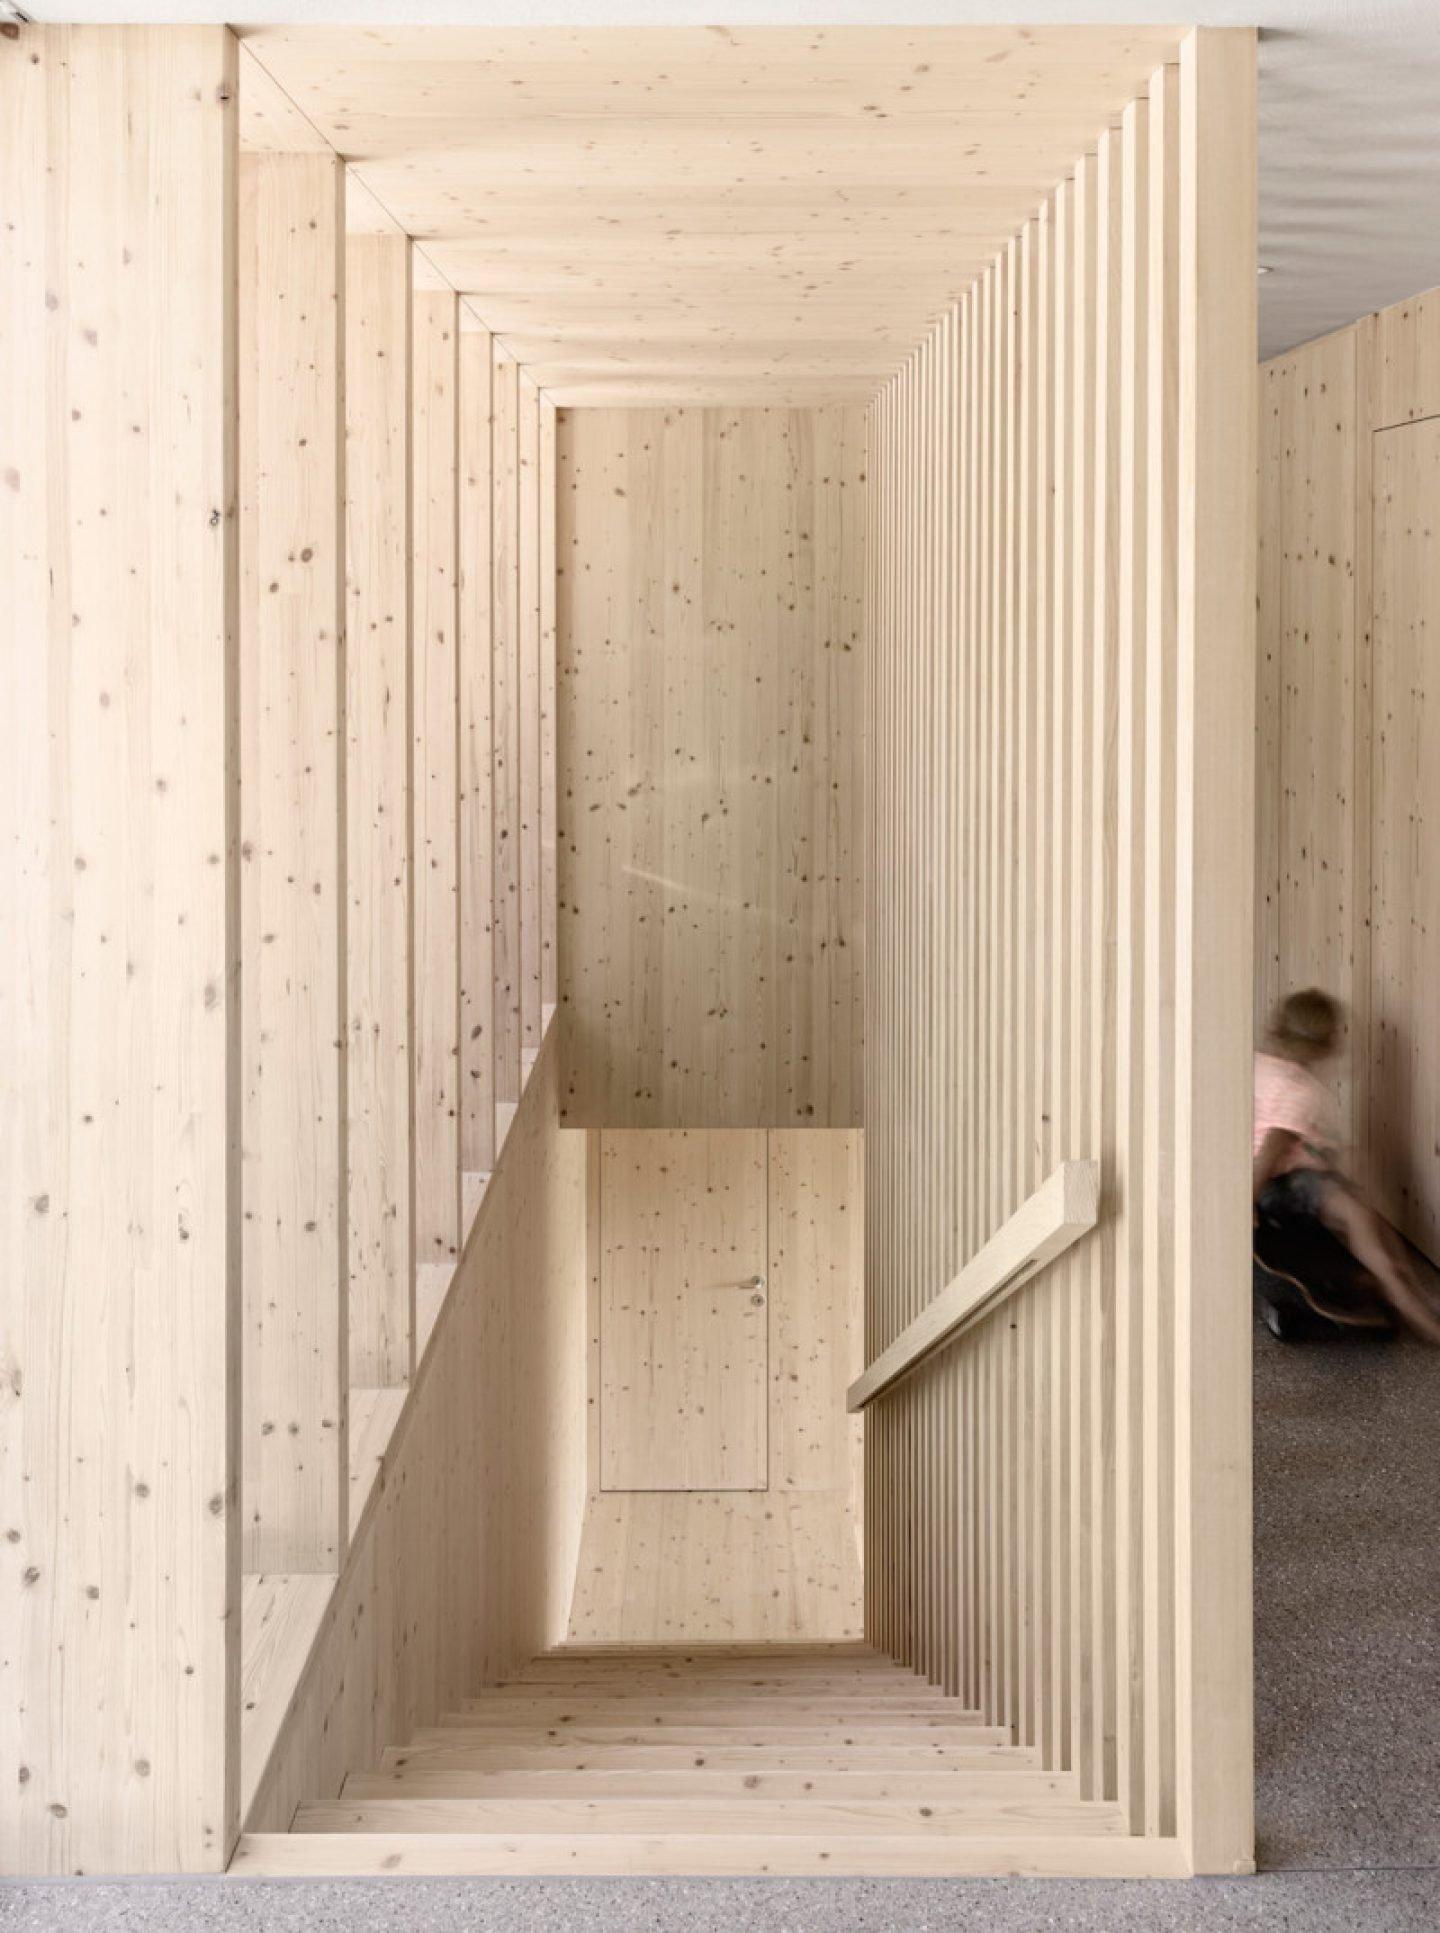 Innauer_Matt_Architecture__HBJ 10_Adolf Bereuter